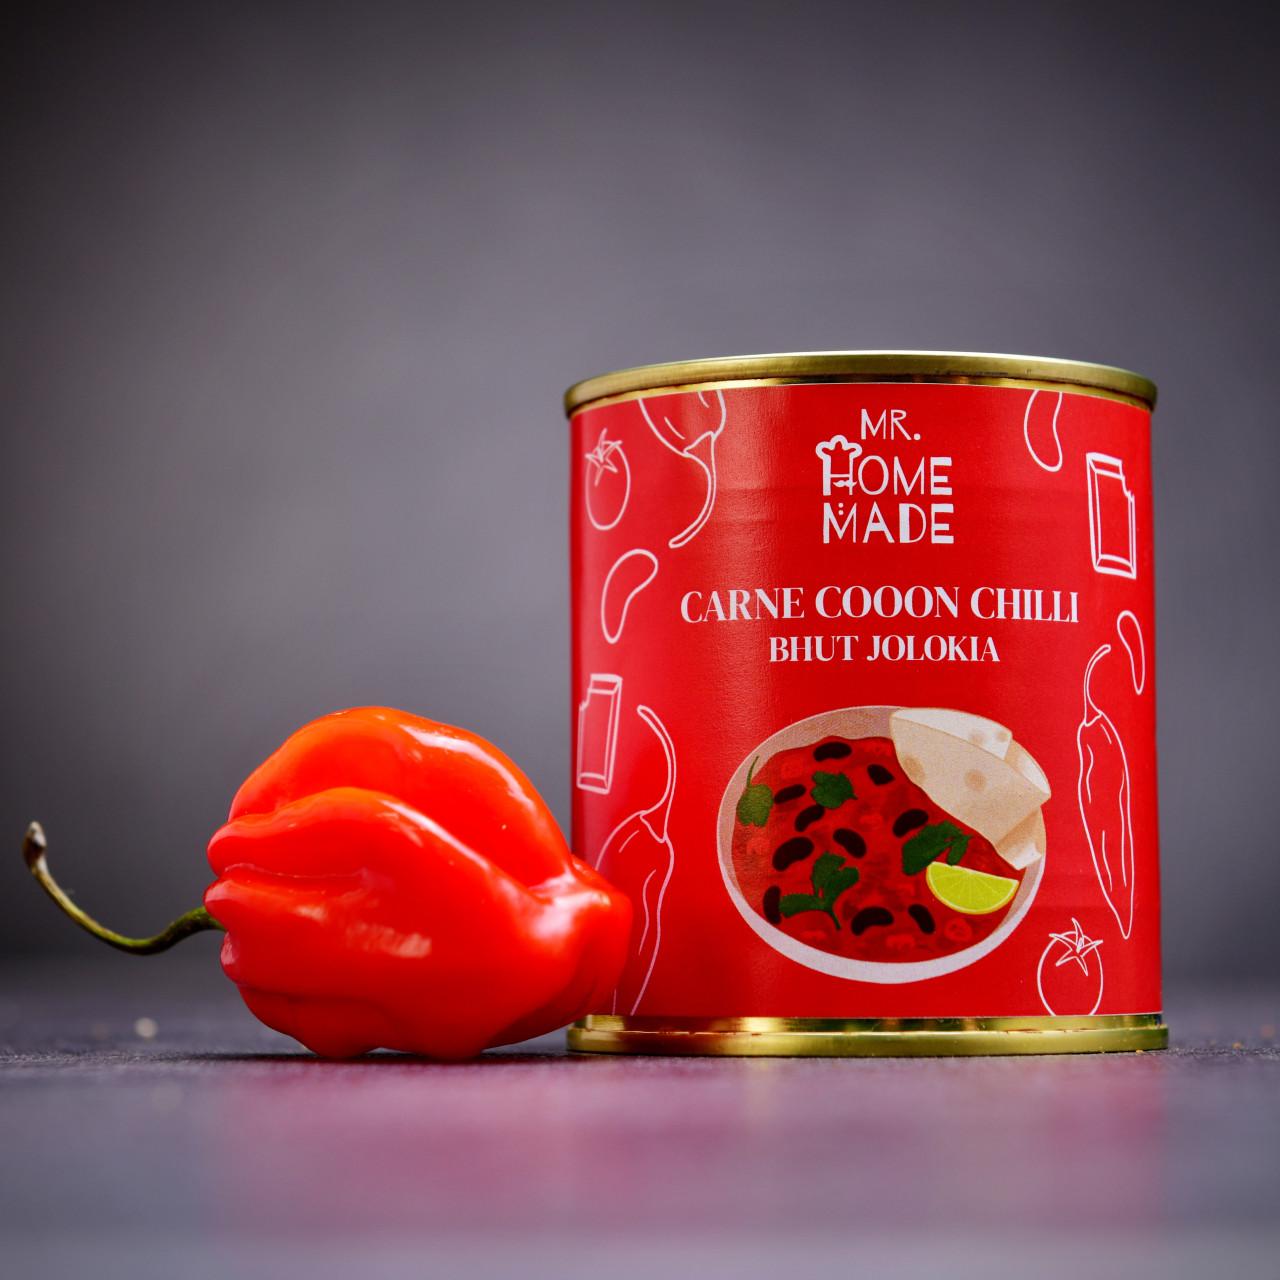 Carne cooooon chilli Bhut Jolokia 300 g